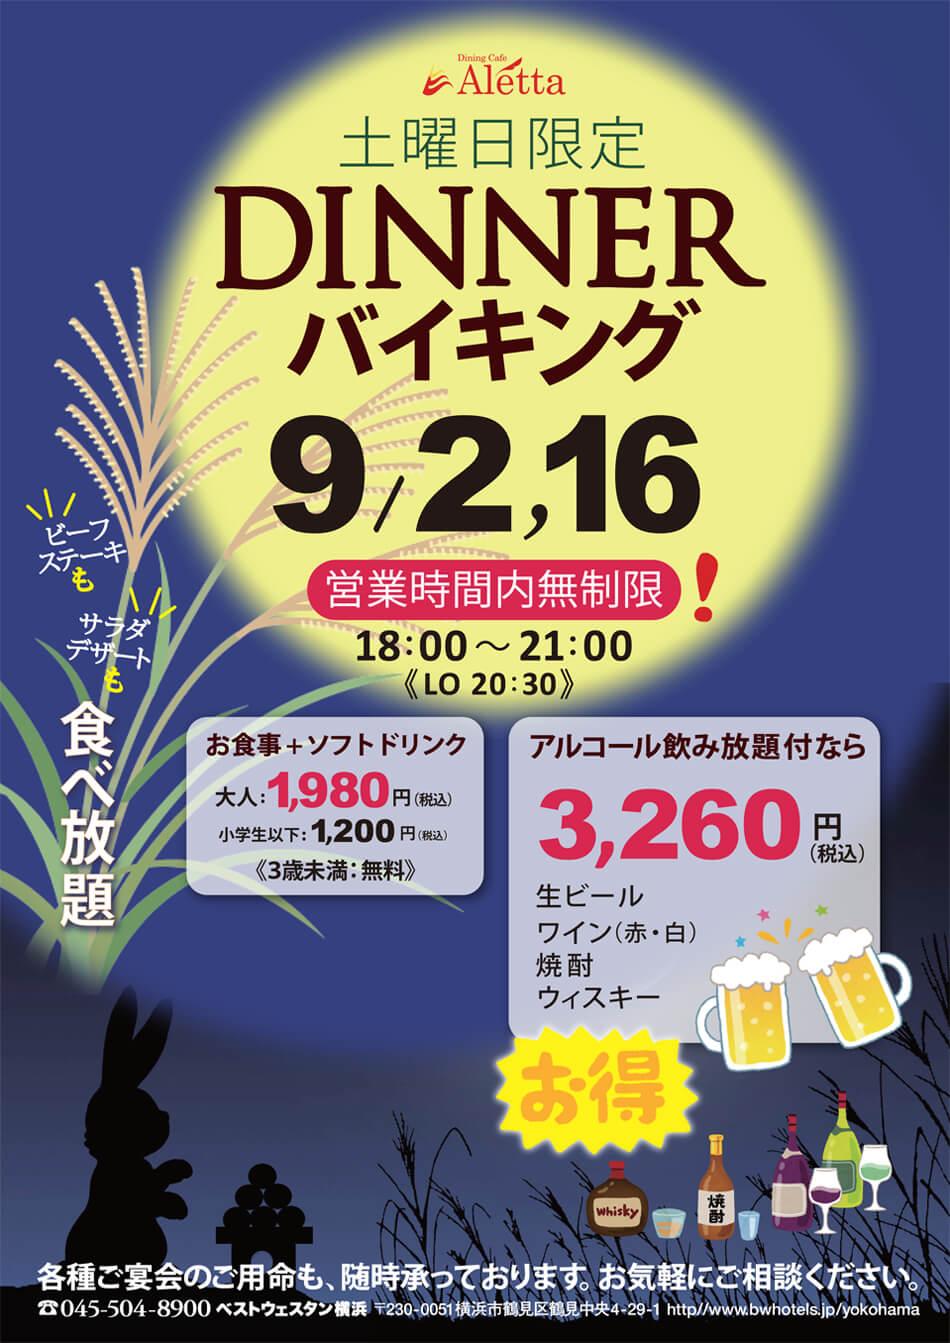 レストラン アレッタ◆土曜日限定|DINNERバイキング 9月2,16日◆営業時間内無制限食べ放題